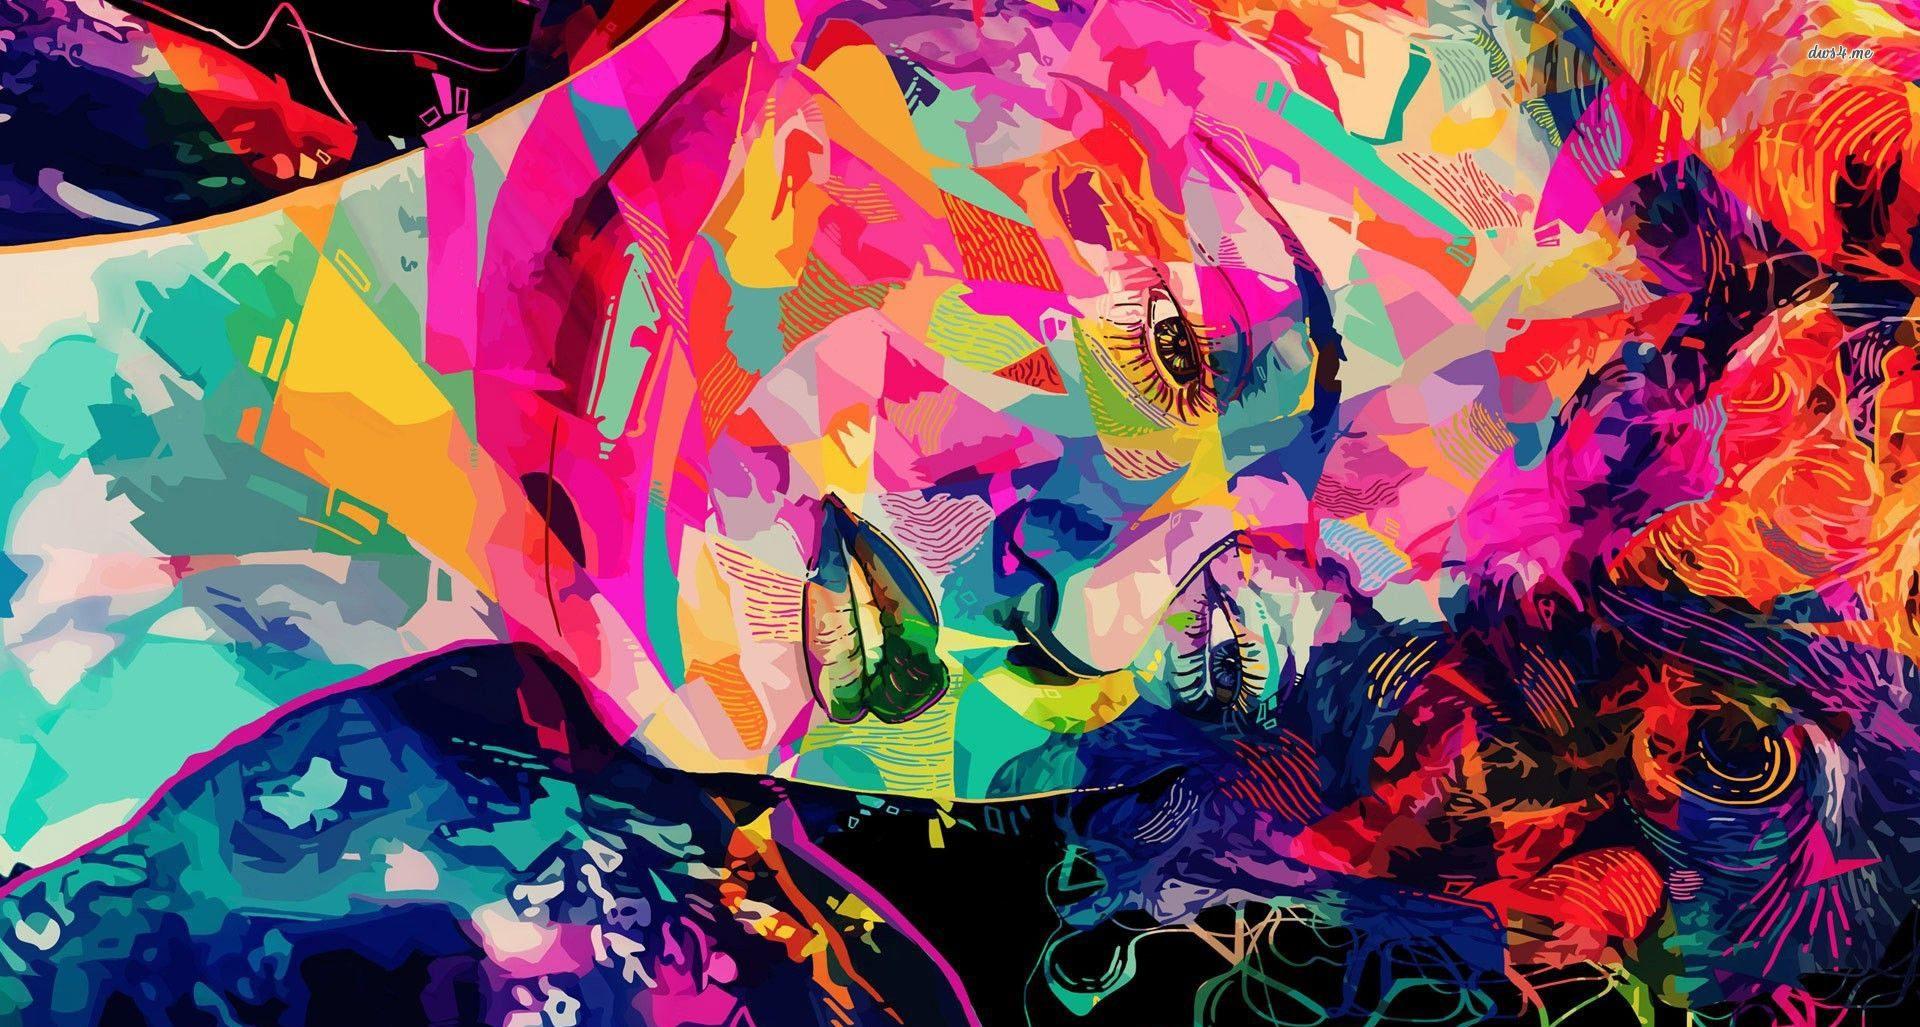 Χρώματα: Tι σημαίνουν για την ψυχολογία μας;